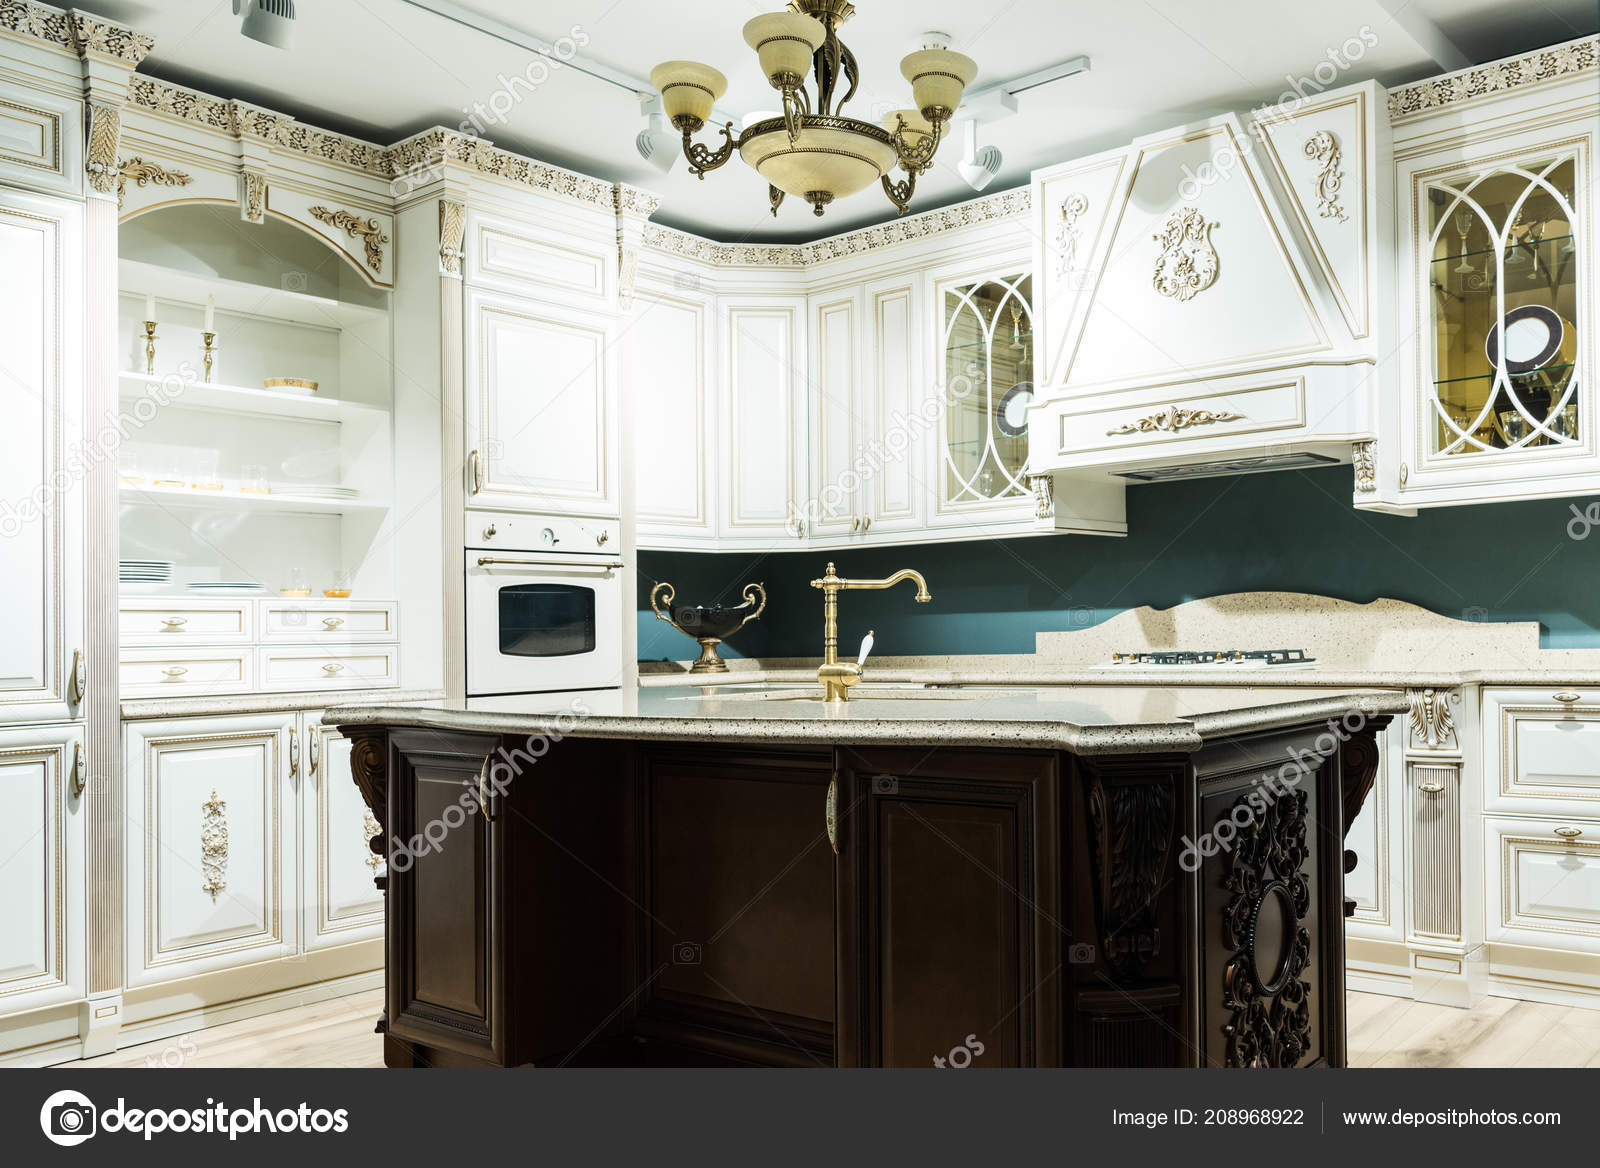 Interiore Della Cucina Moderna Con Arredamento Confortevole Legno ...